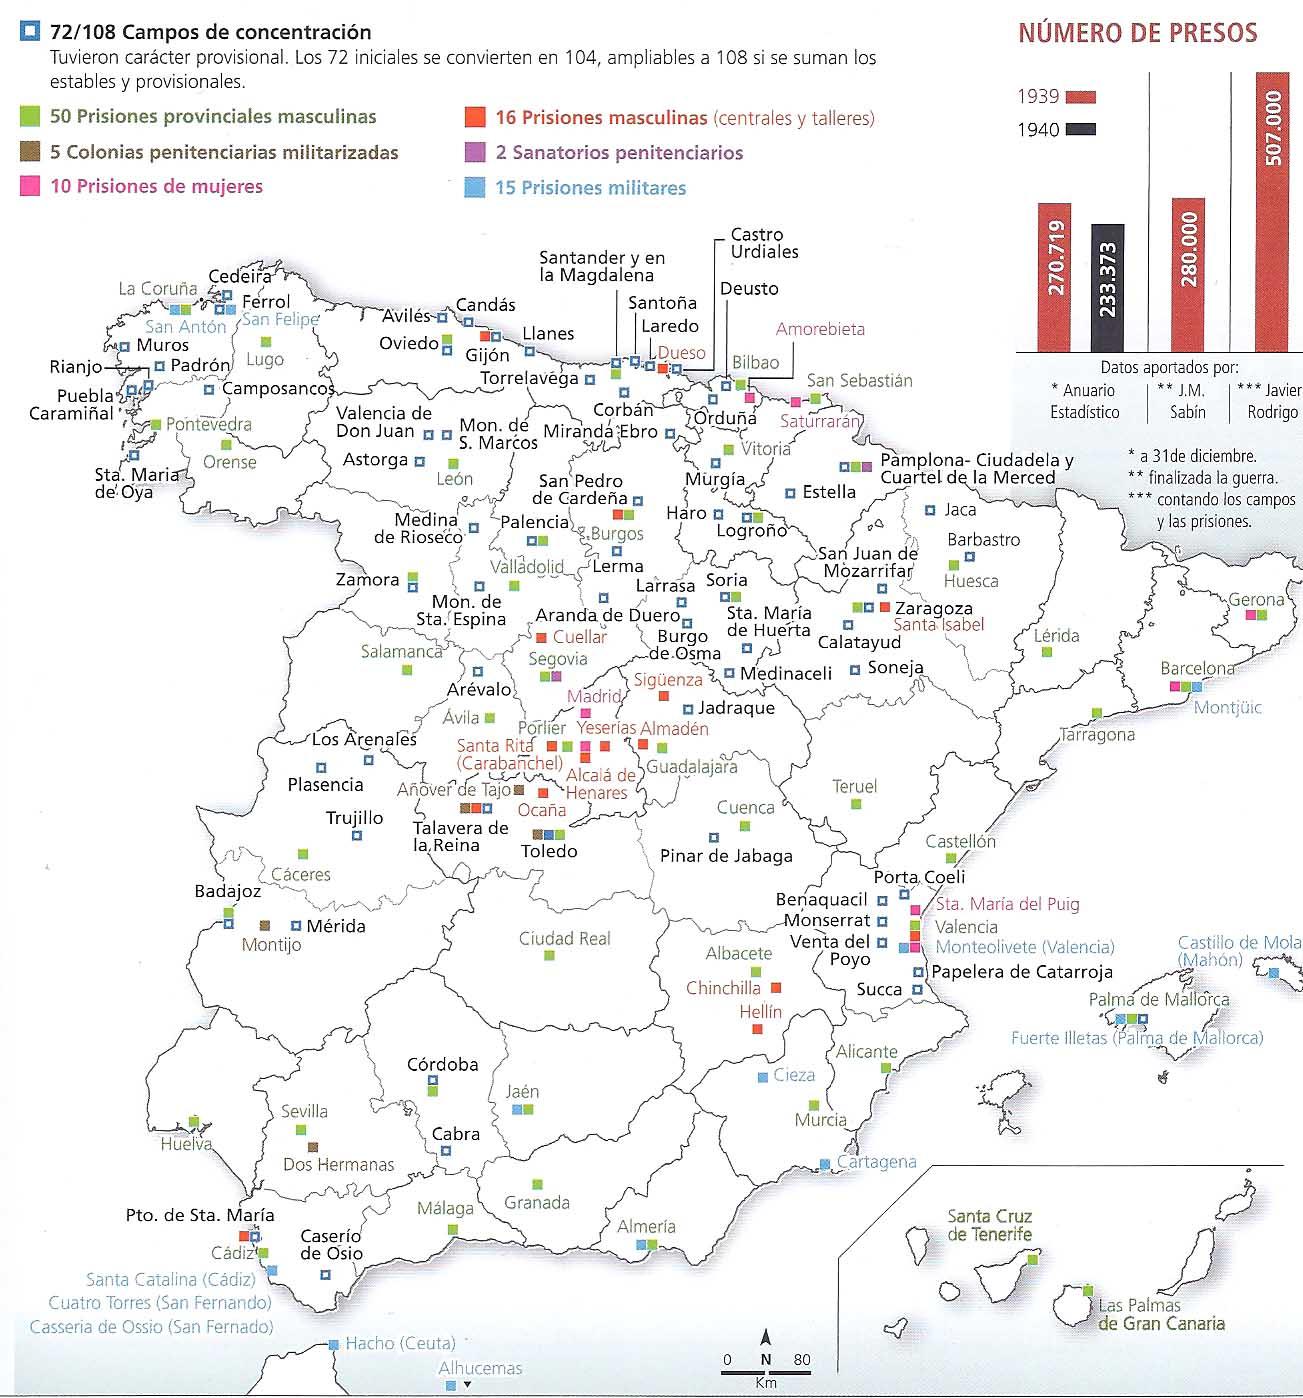 ¿Campos de concentración en España de posguerra? Los-presos-y-los-campos-de-concentracion-del-franquismo